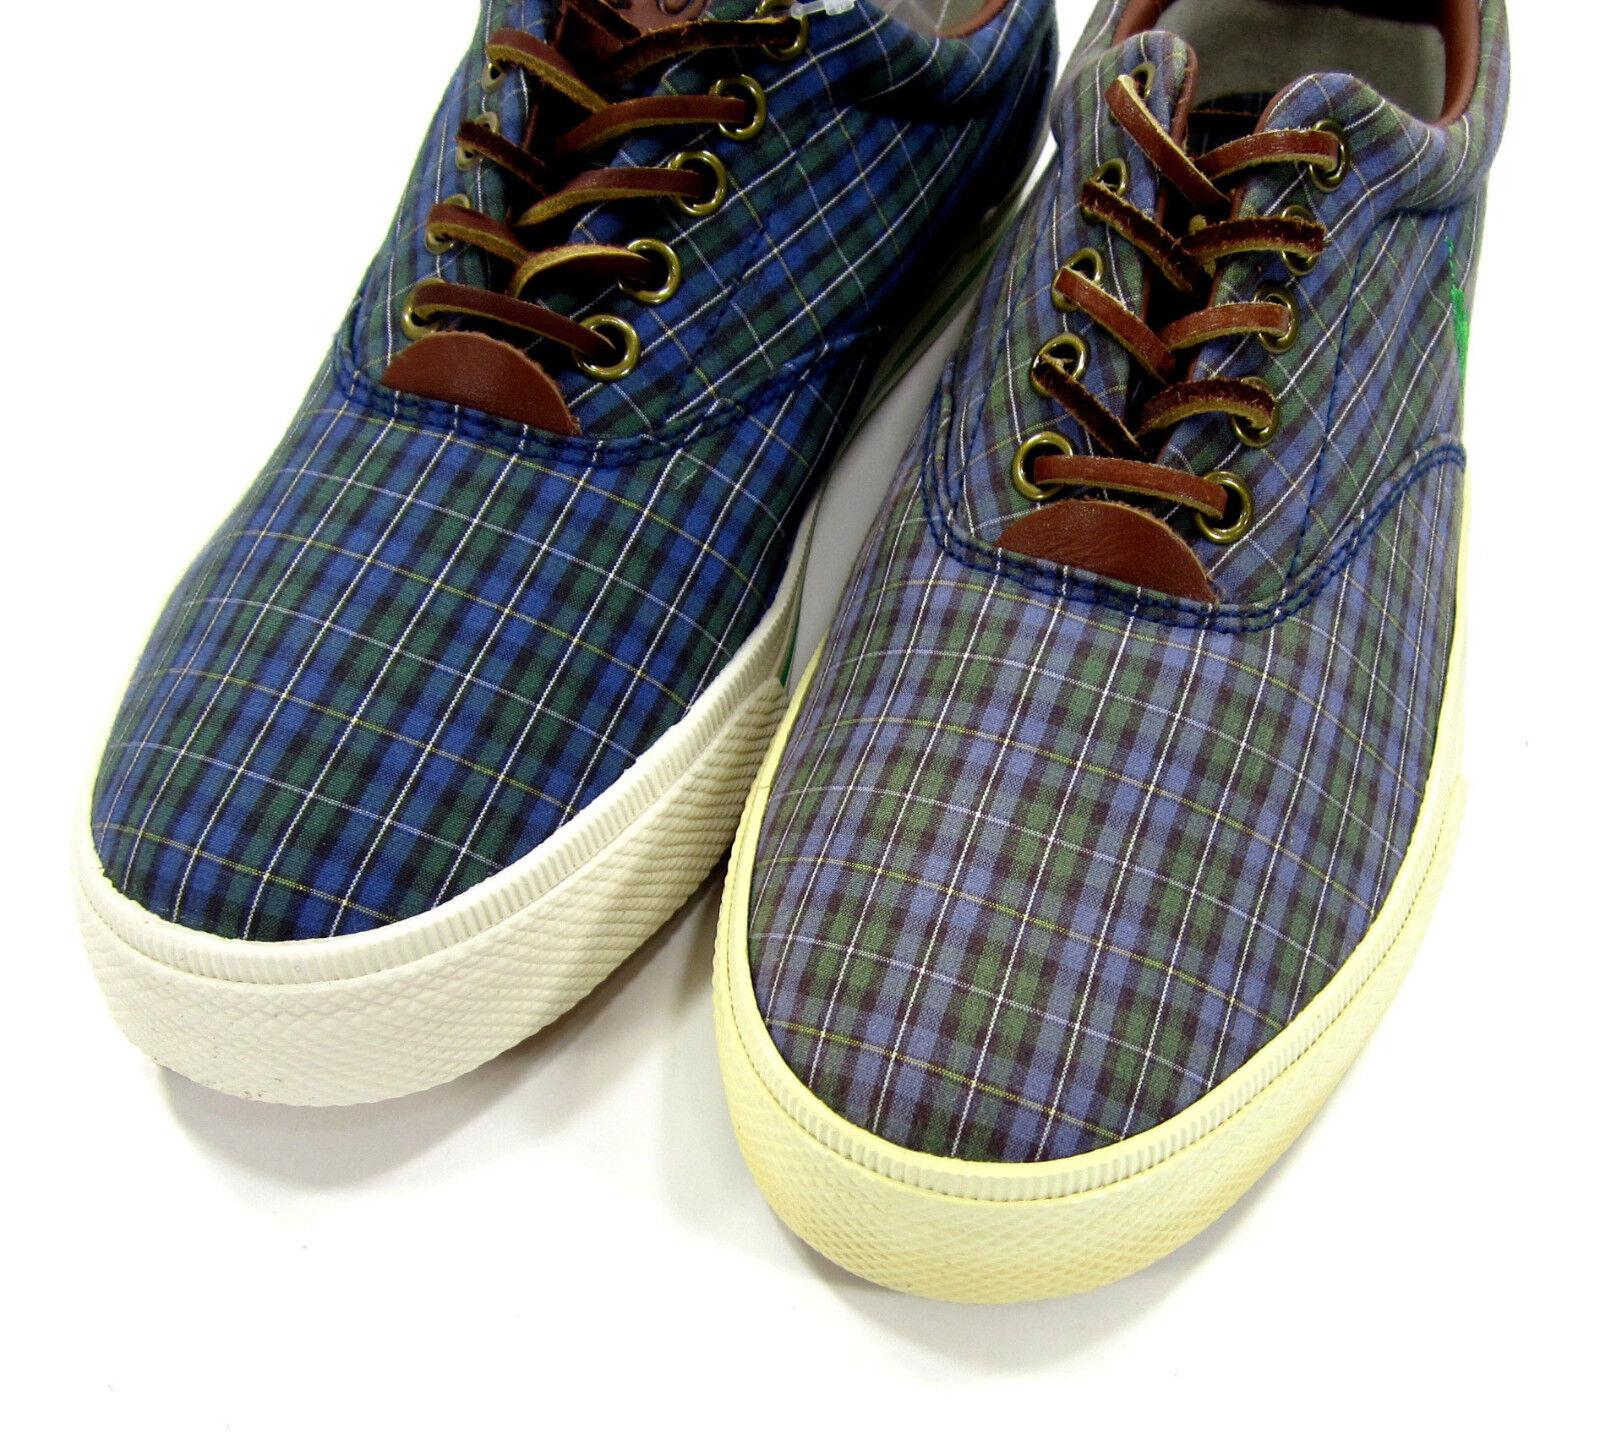 Polo ralph lauren e vaughn atletica tartan scarpe di verde tela / blu / verde di scarpe 8 c0ec7f